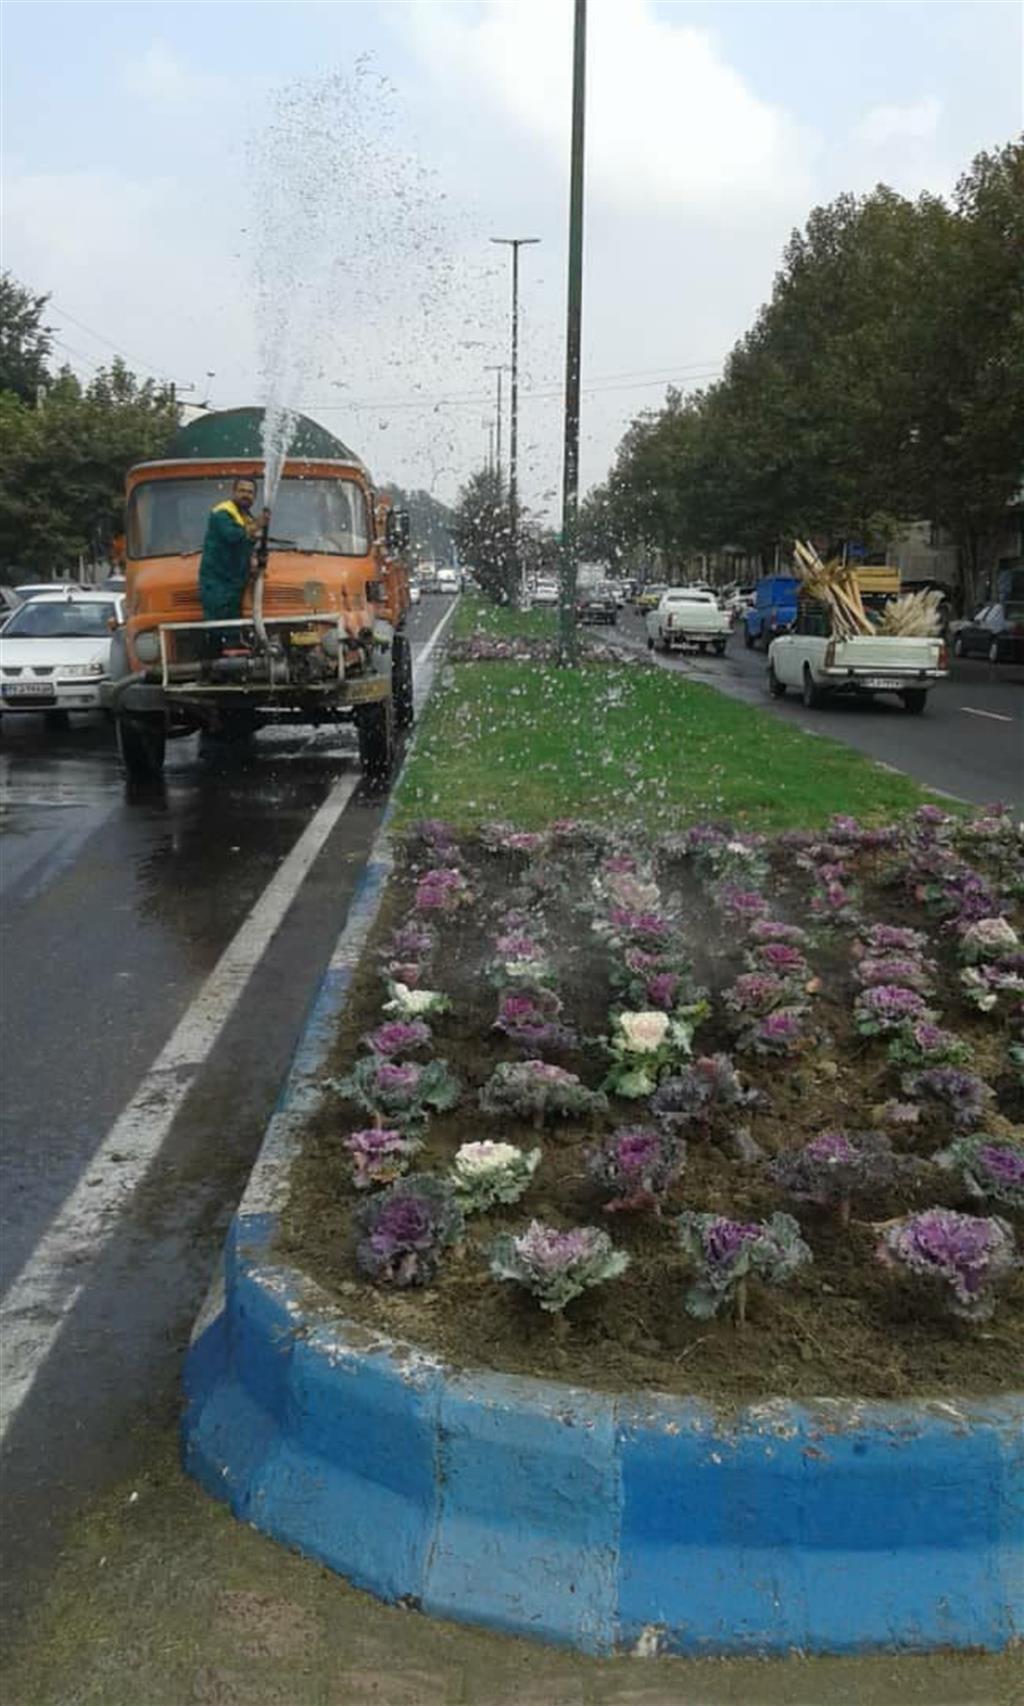 hgmc5 - گزارش تصویری اقدامات سازمان سیما،منظر و فضای سبز شهری شهرداری رشت